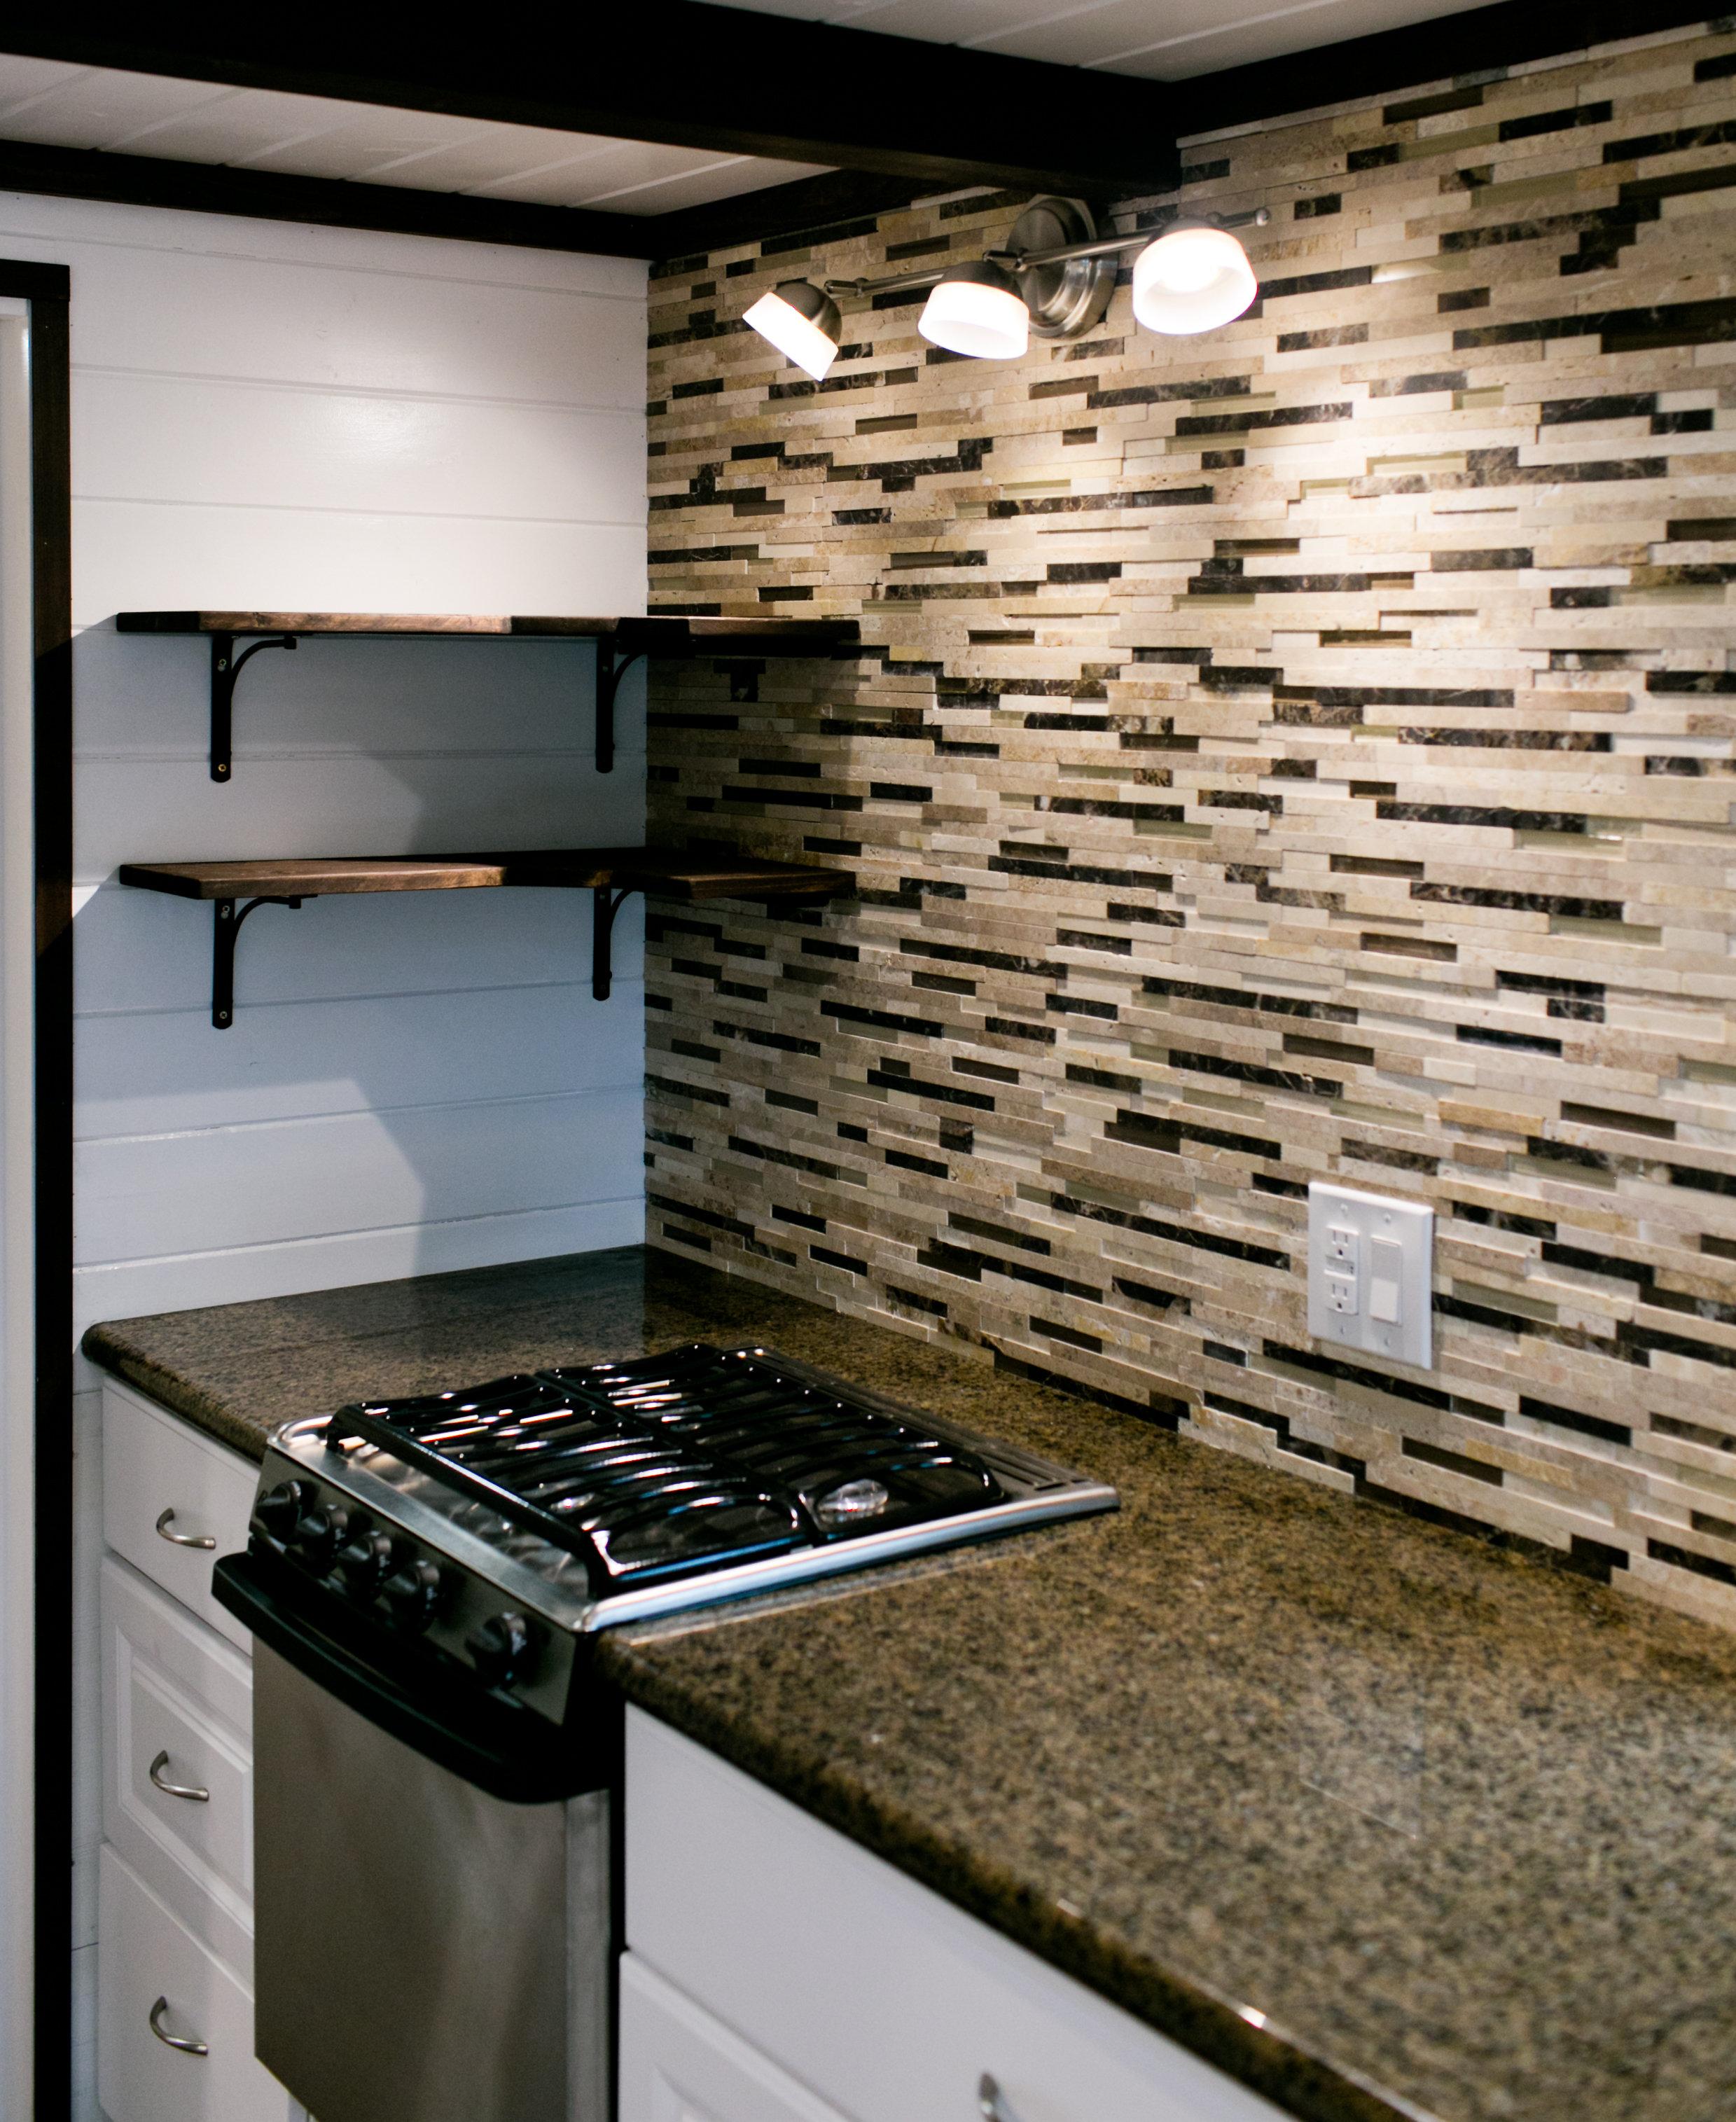 Beautiful stone or tile work